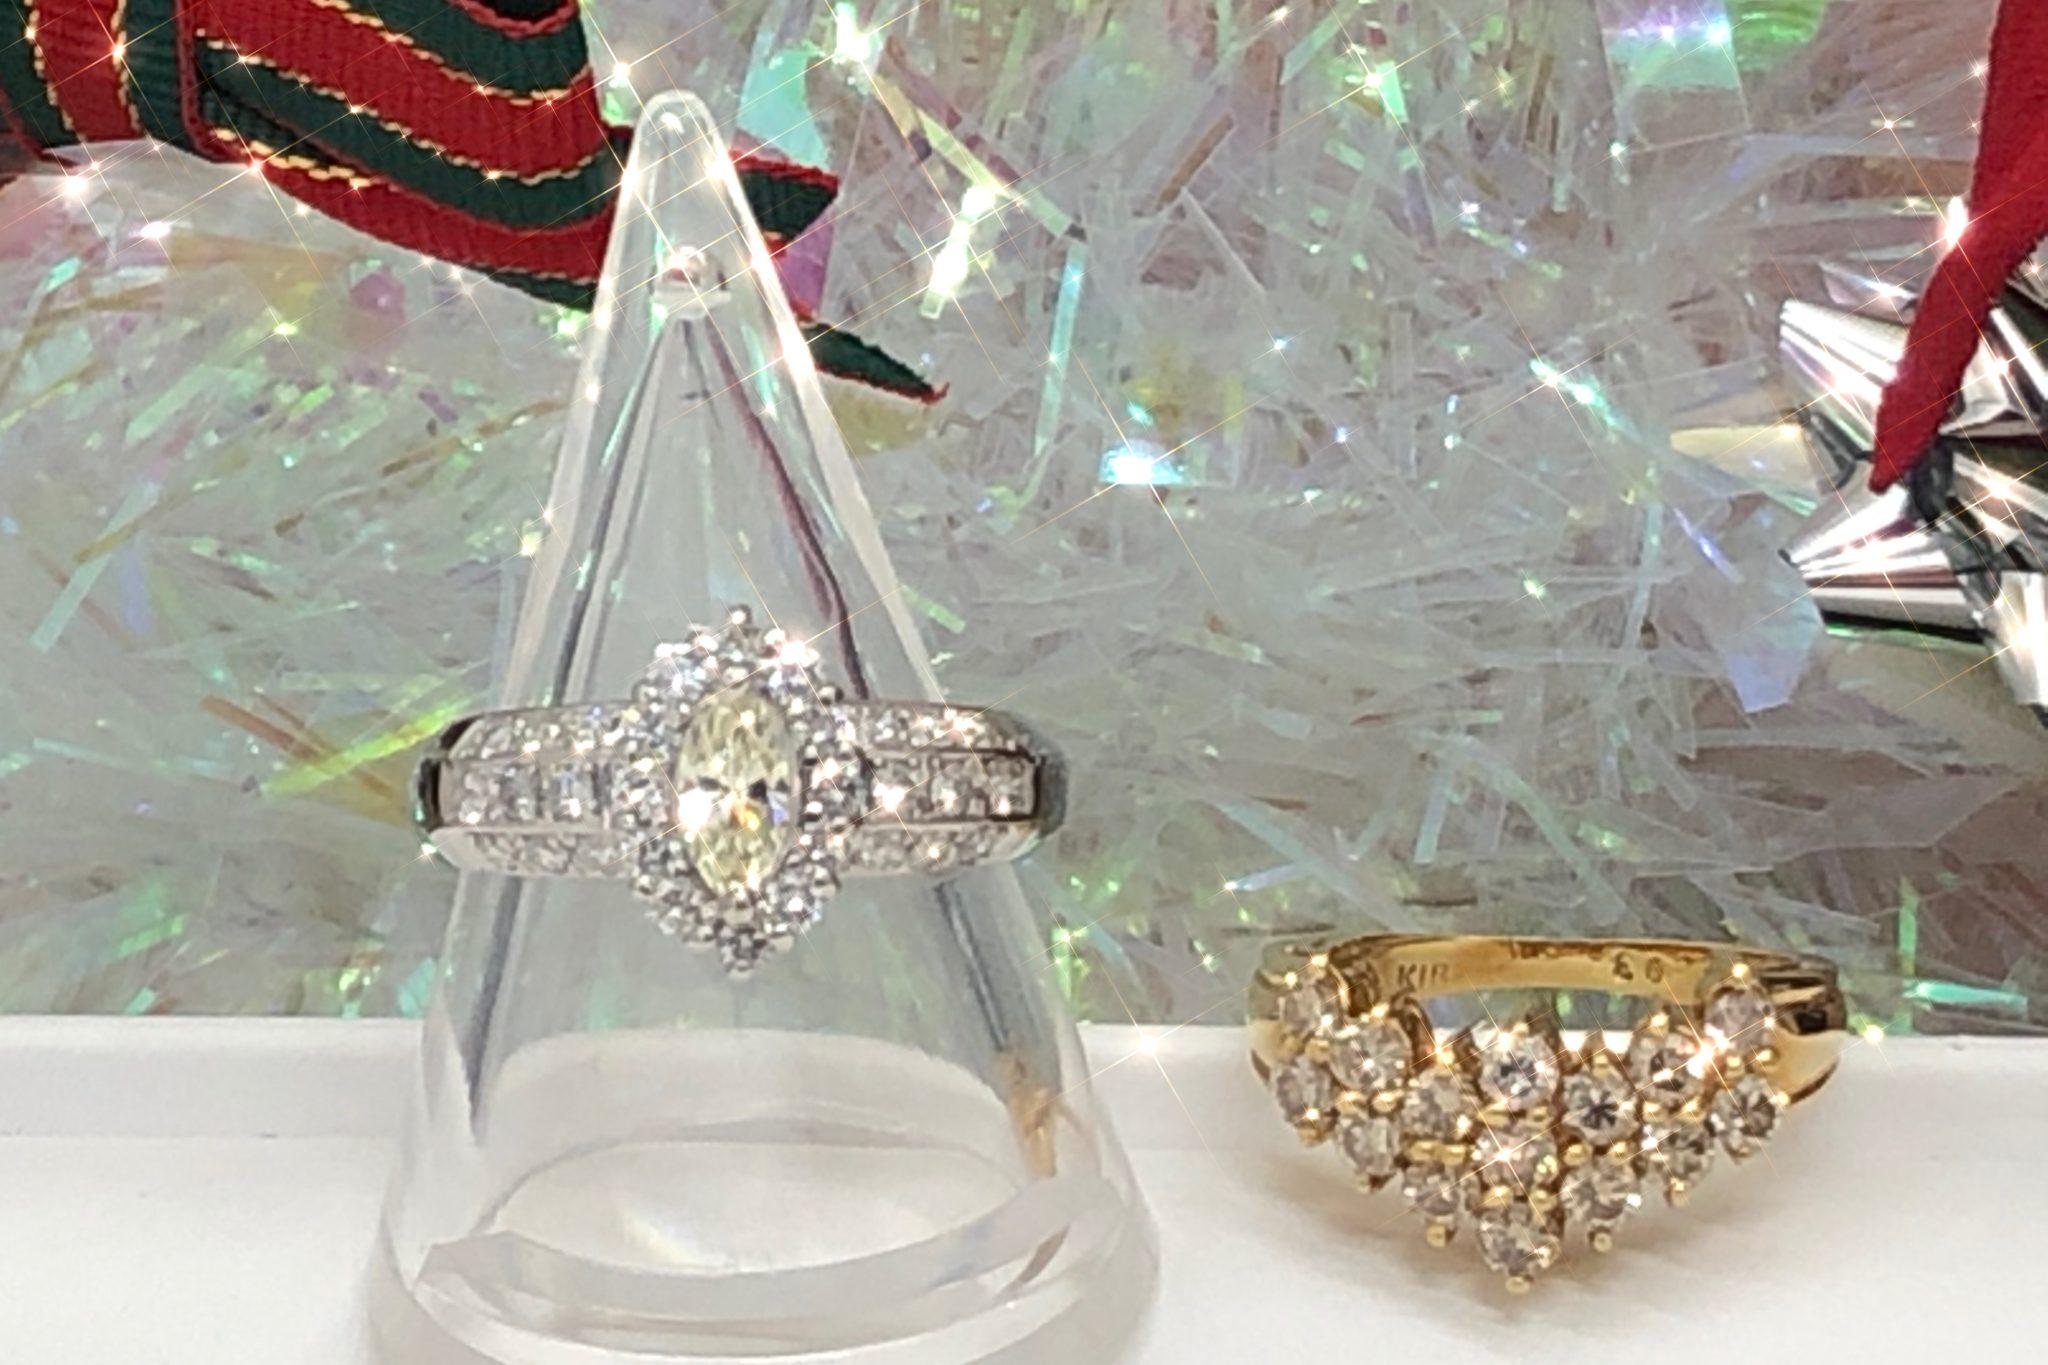 【ダイヤ 金プラチナ 買取 盛岡】ダイヤモンドジュエリーをお買取りさせていただきました。